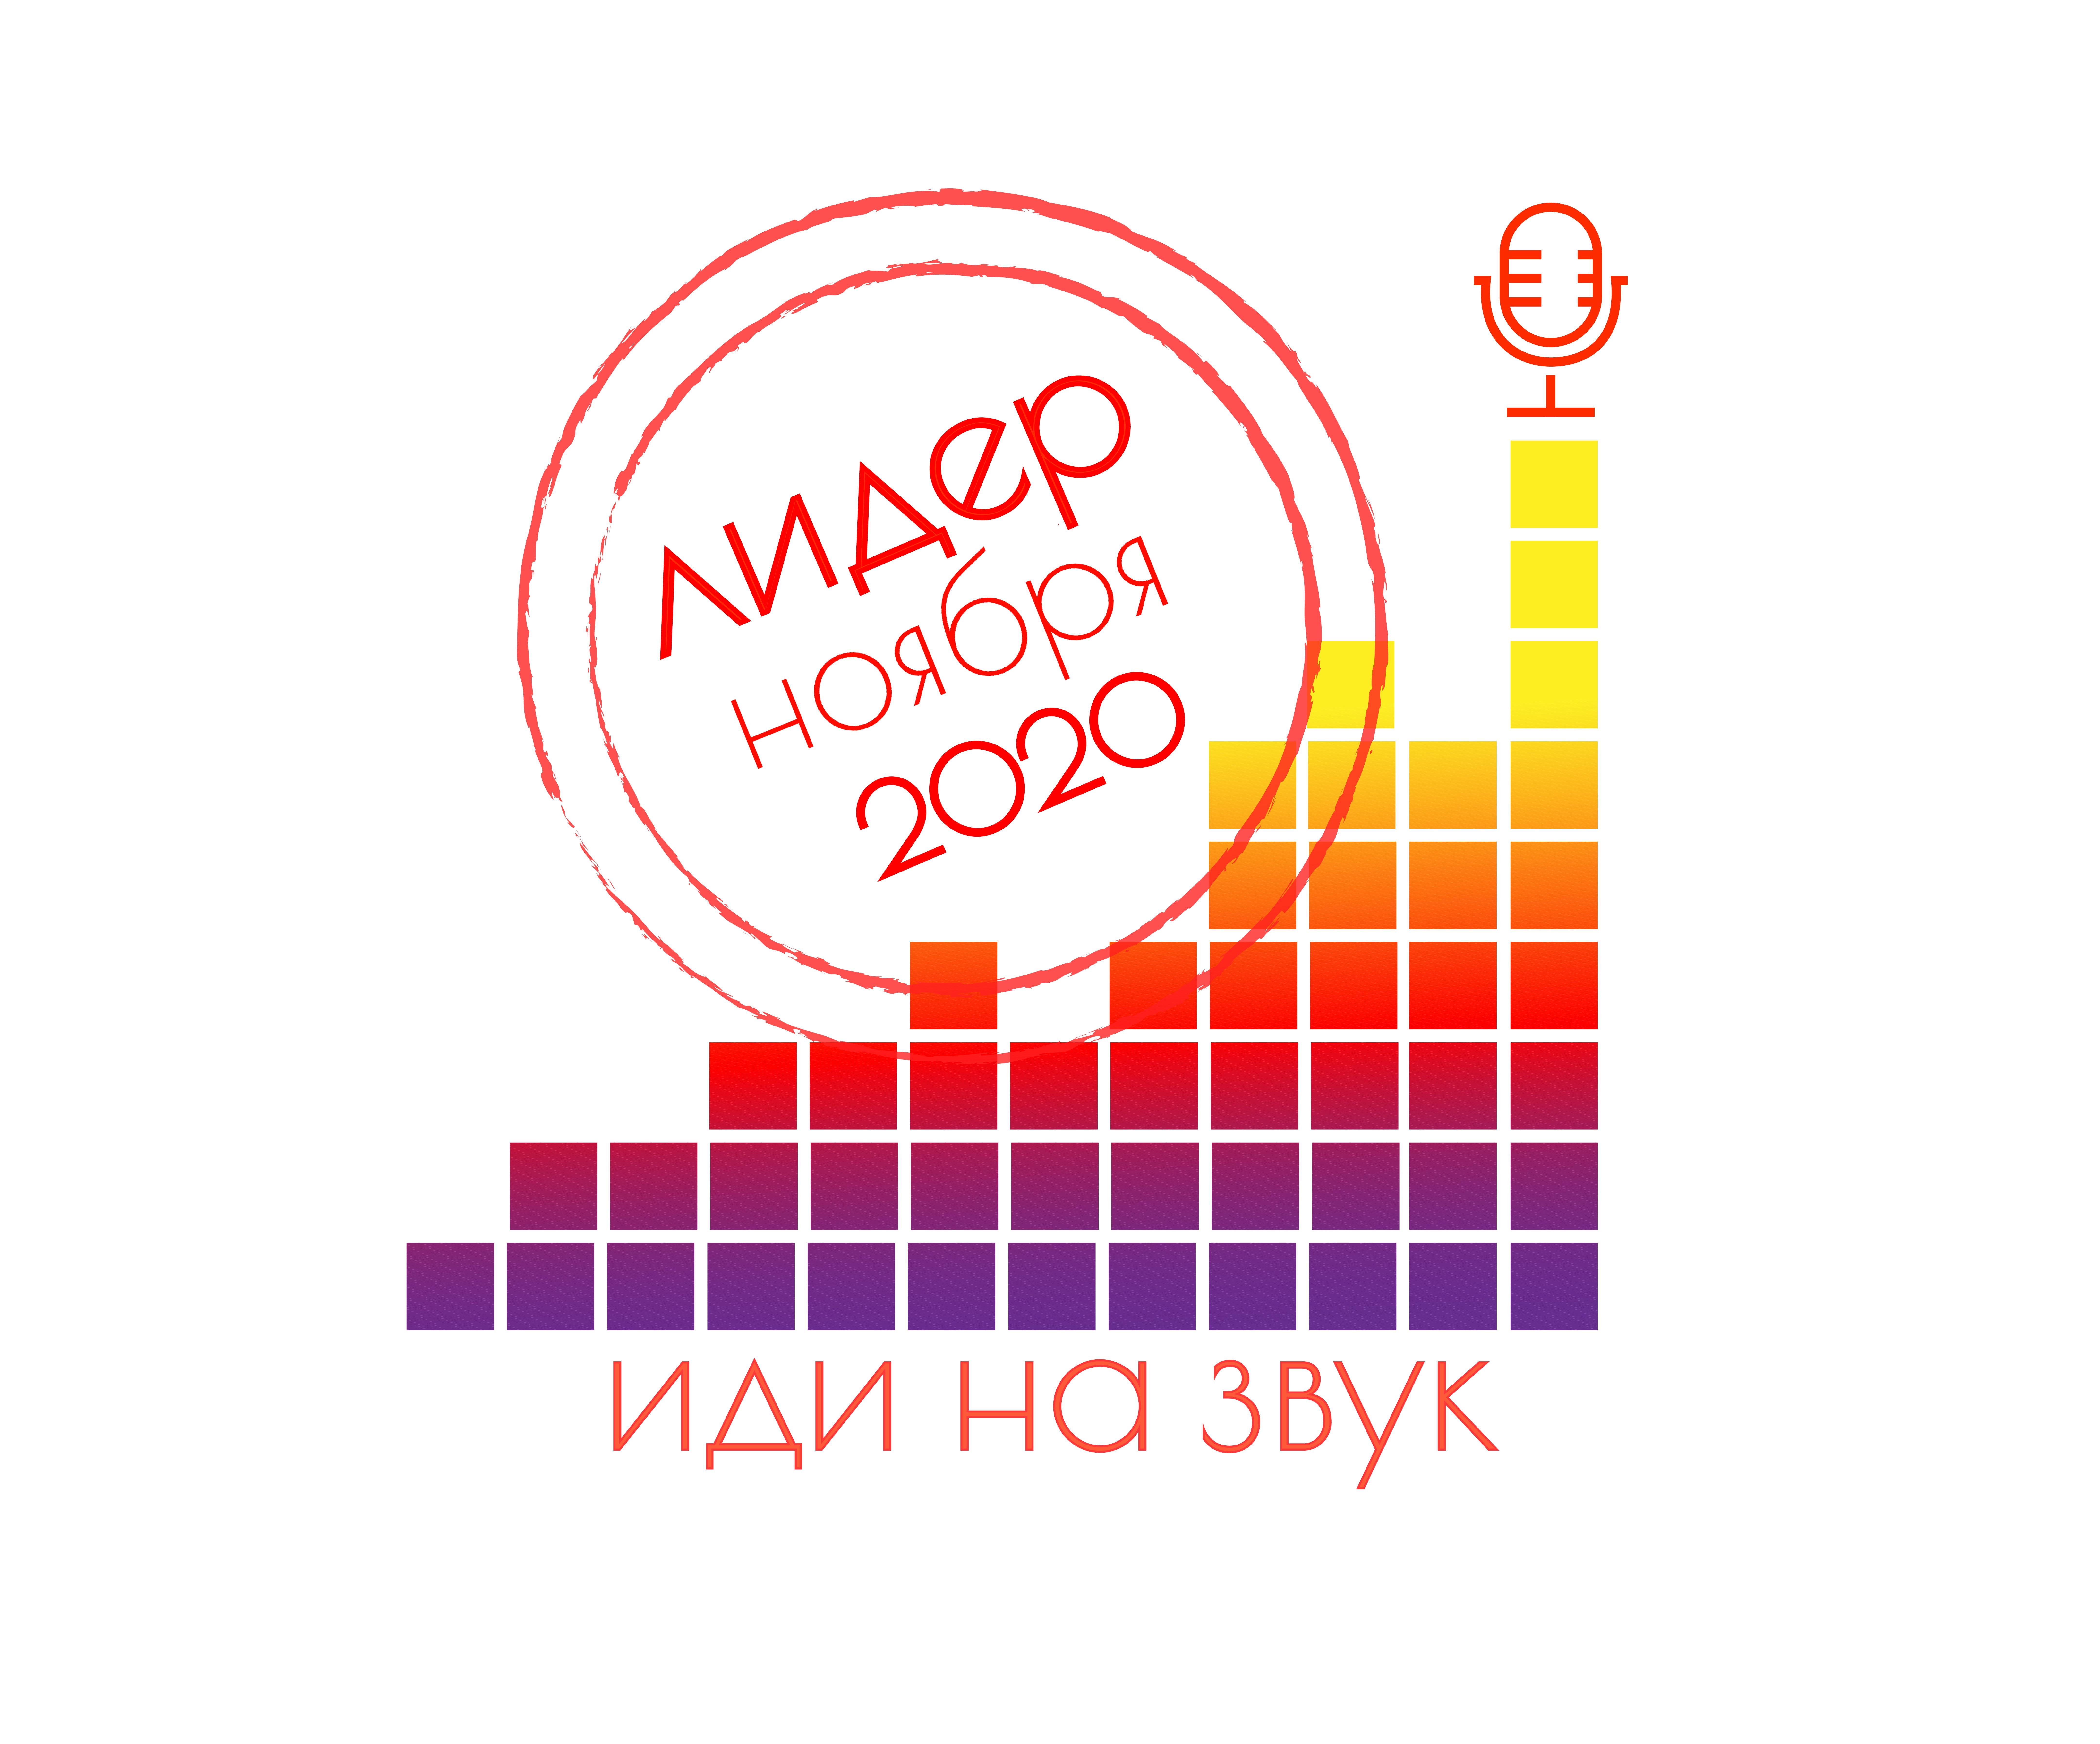 Ноябрьский чарт подкастов НКО «Иди на звук»